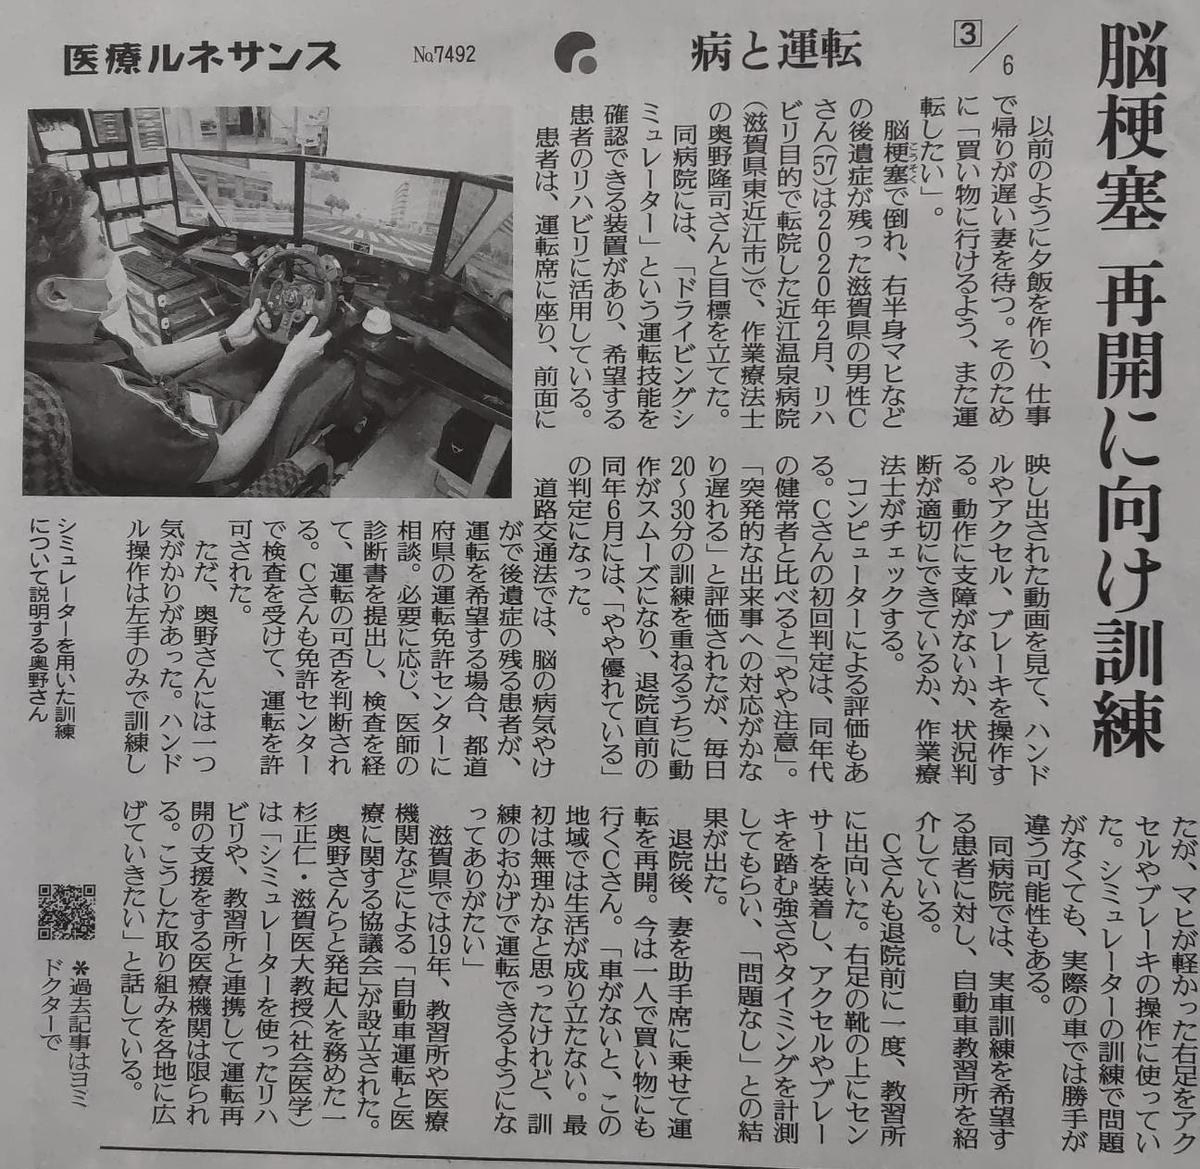 f:id:kazura-kobayashi:20210421164726j:plain